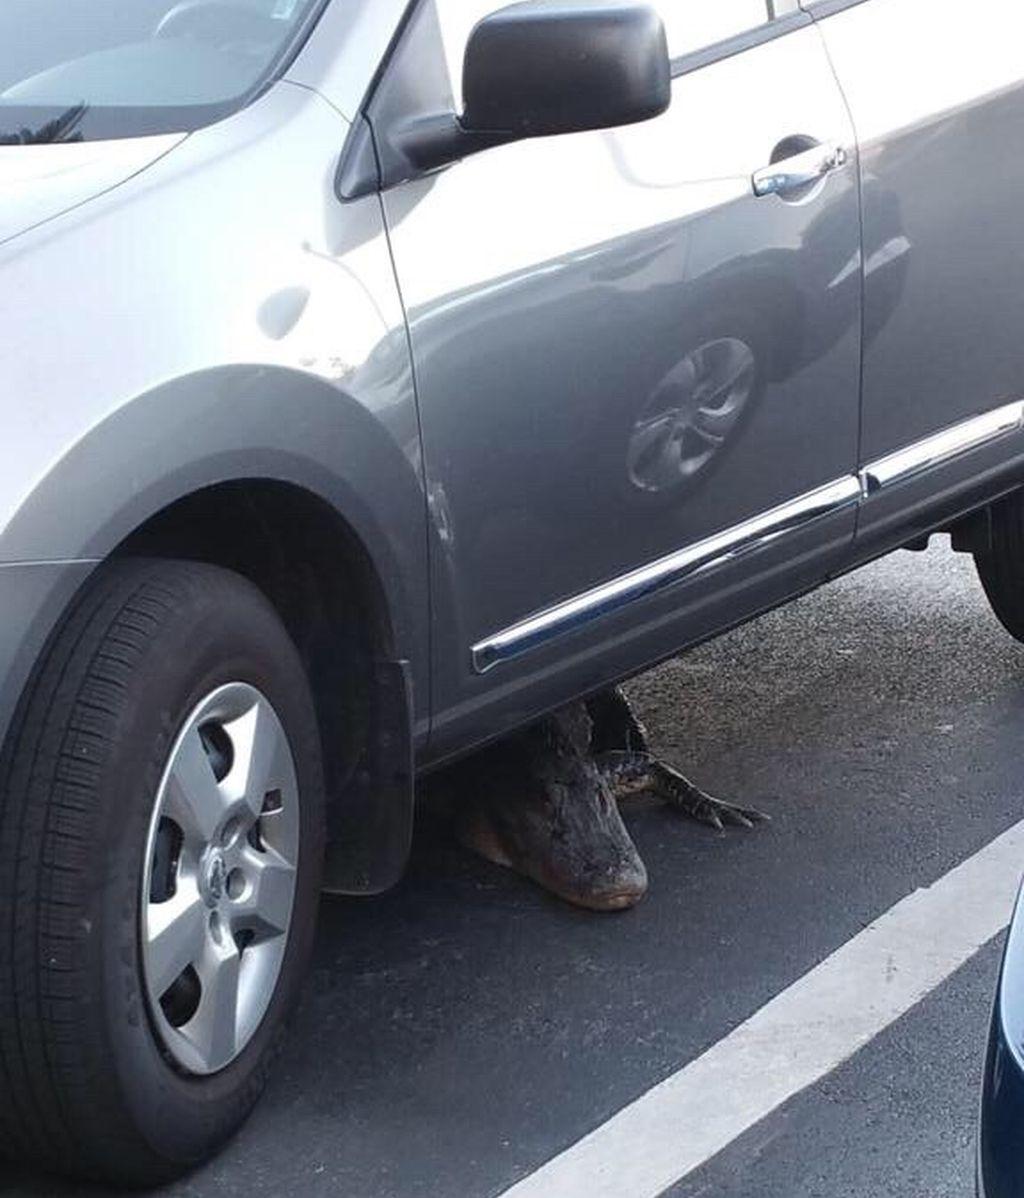 ¿Una excusa para llegar tarde a casa? Tener un caimán bajo el coche